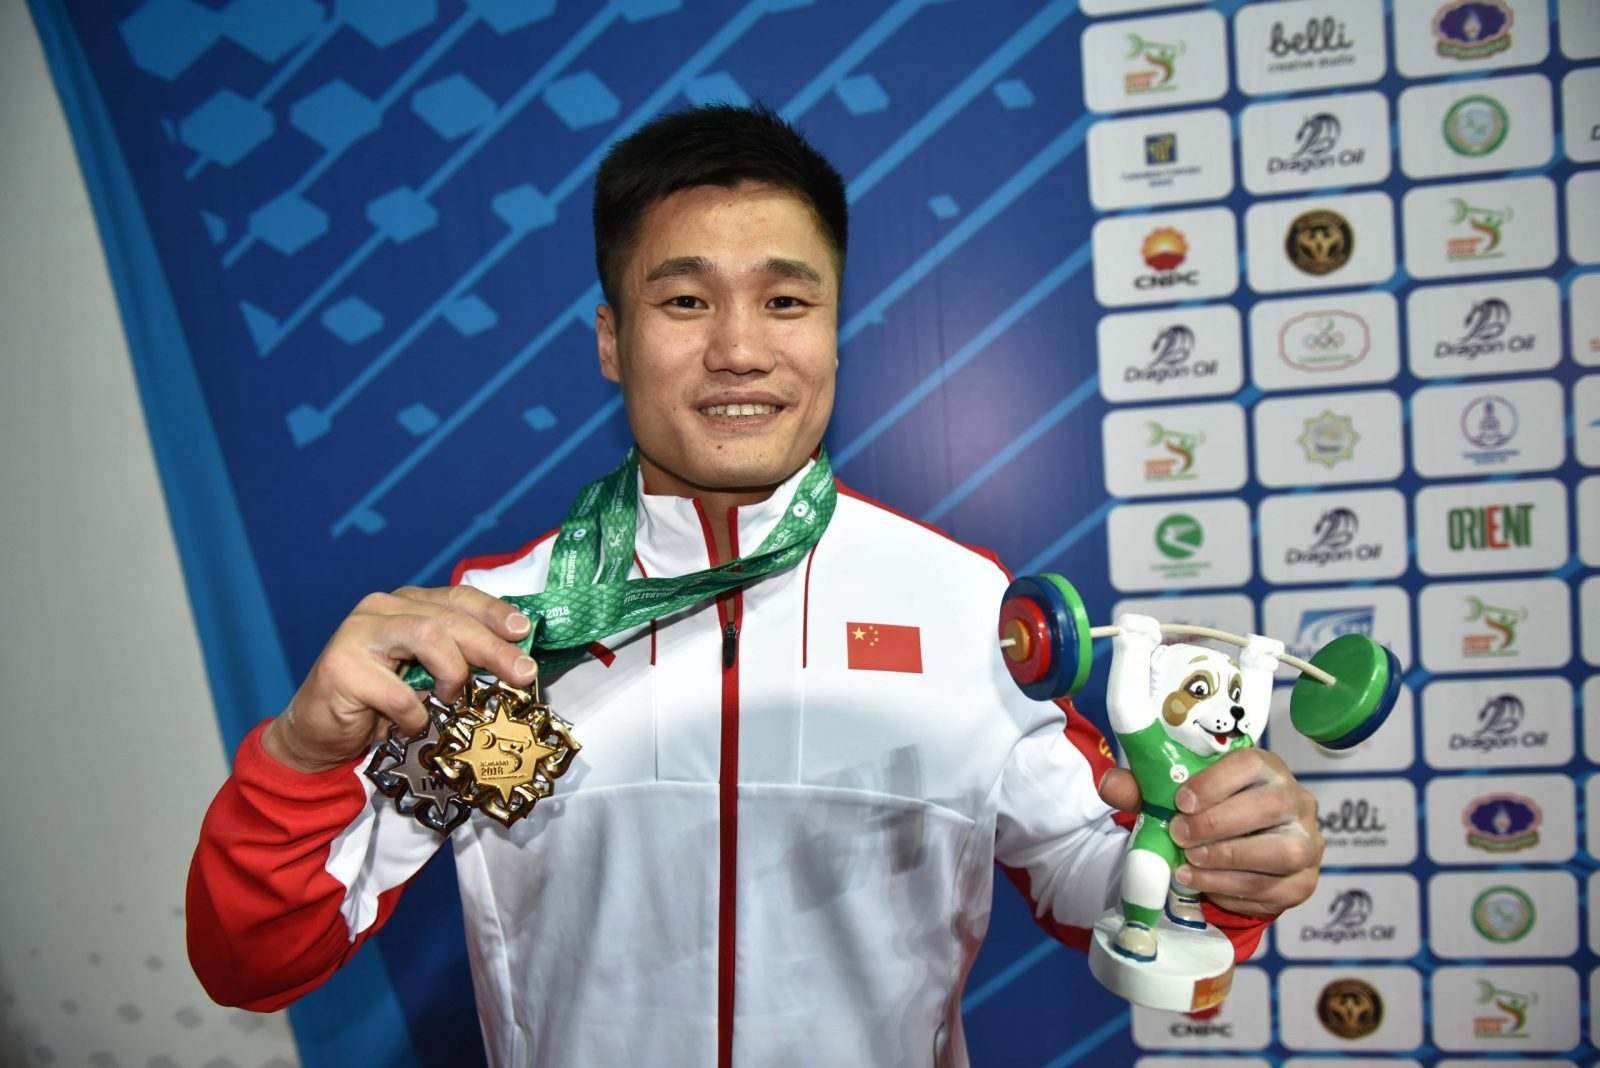 На чемпионате мира по тяжелой атлетике в Ашхабаде установлено уже 34 мировых рекорда.